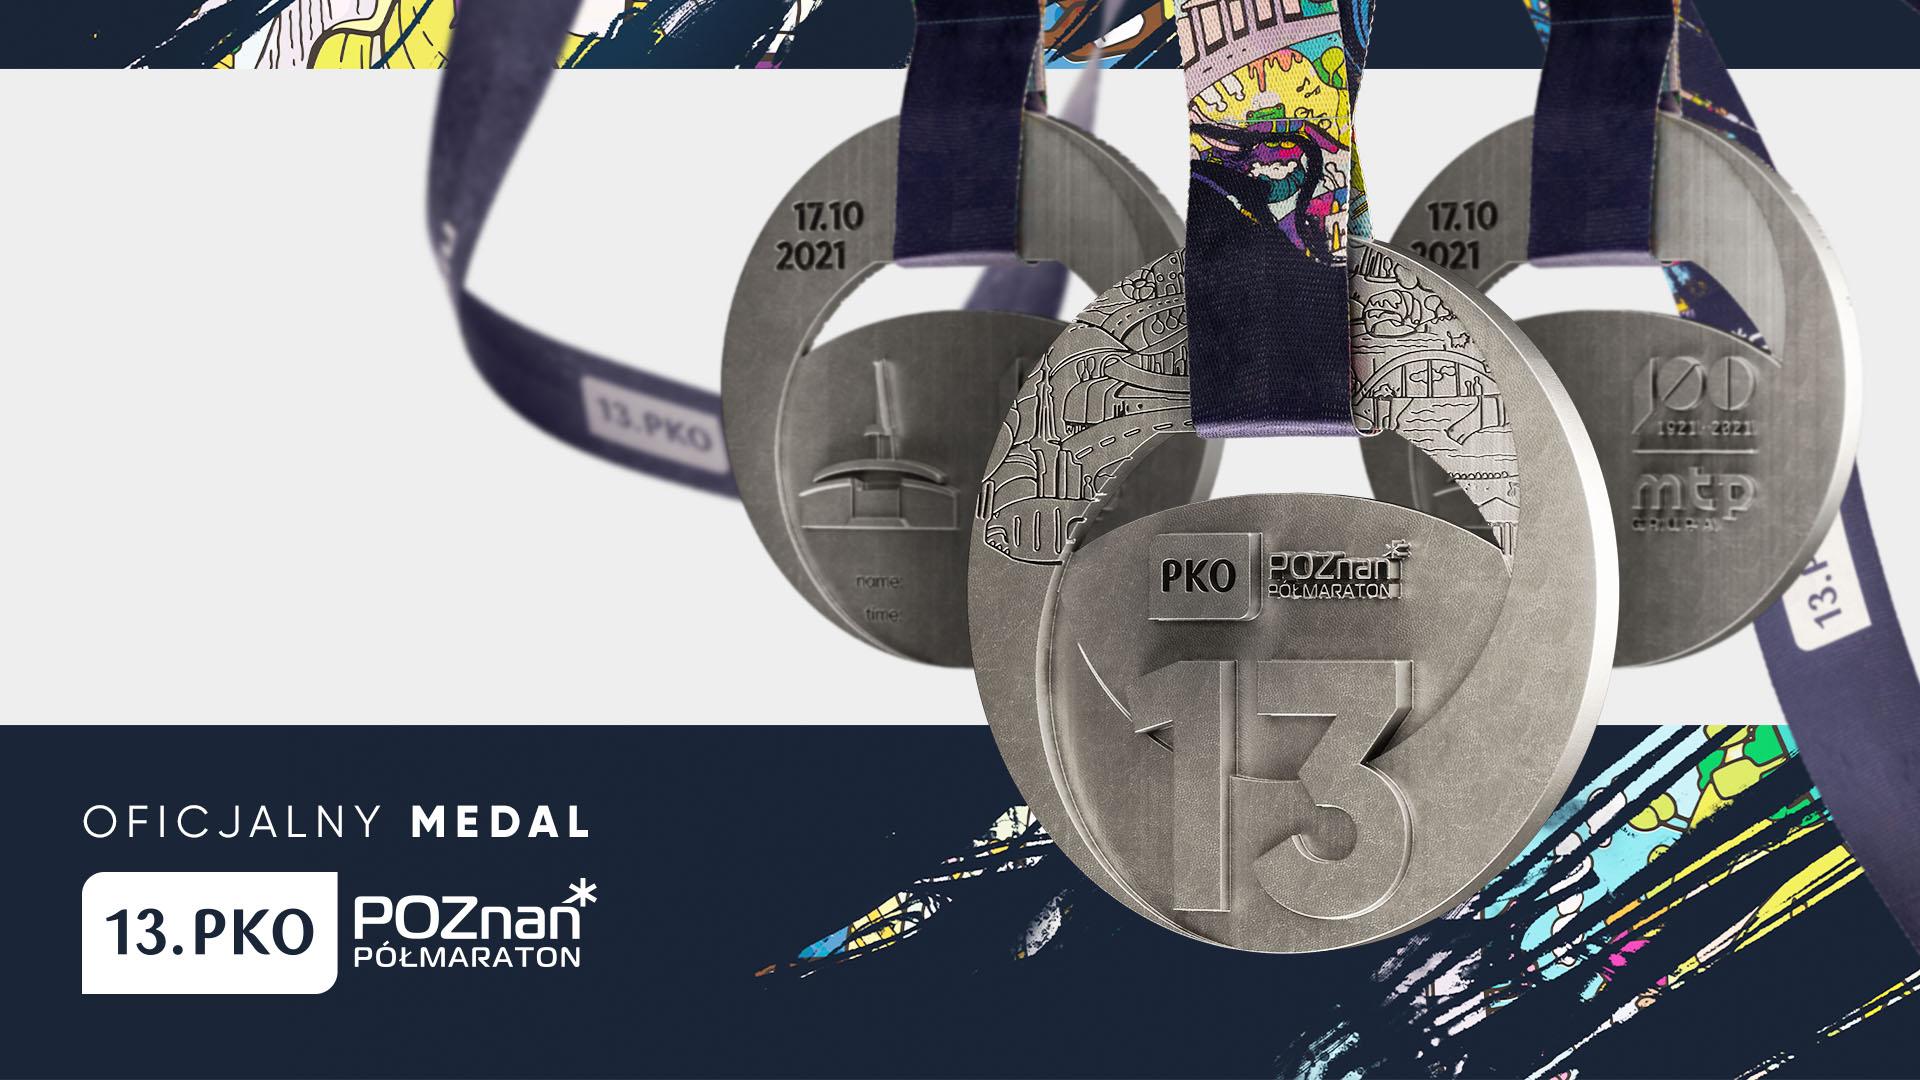 Medal 13.PKO Poznań Półmaratonu upamiętni 100-lecie MTP